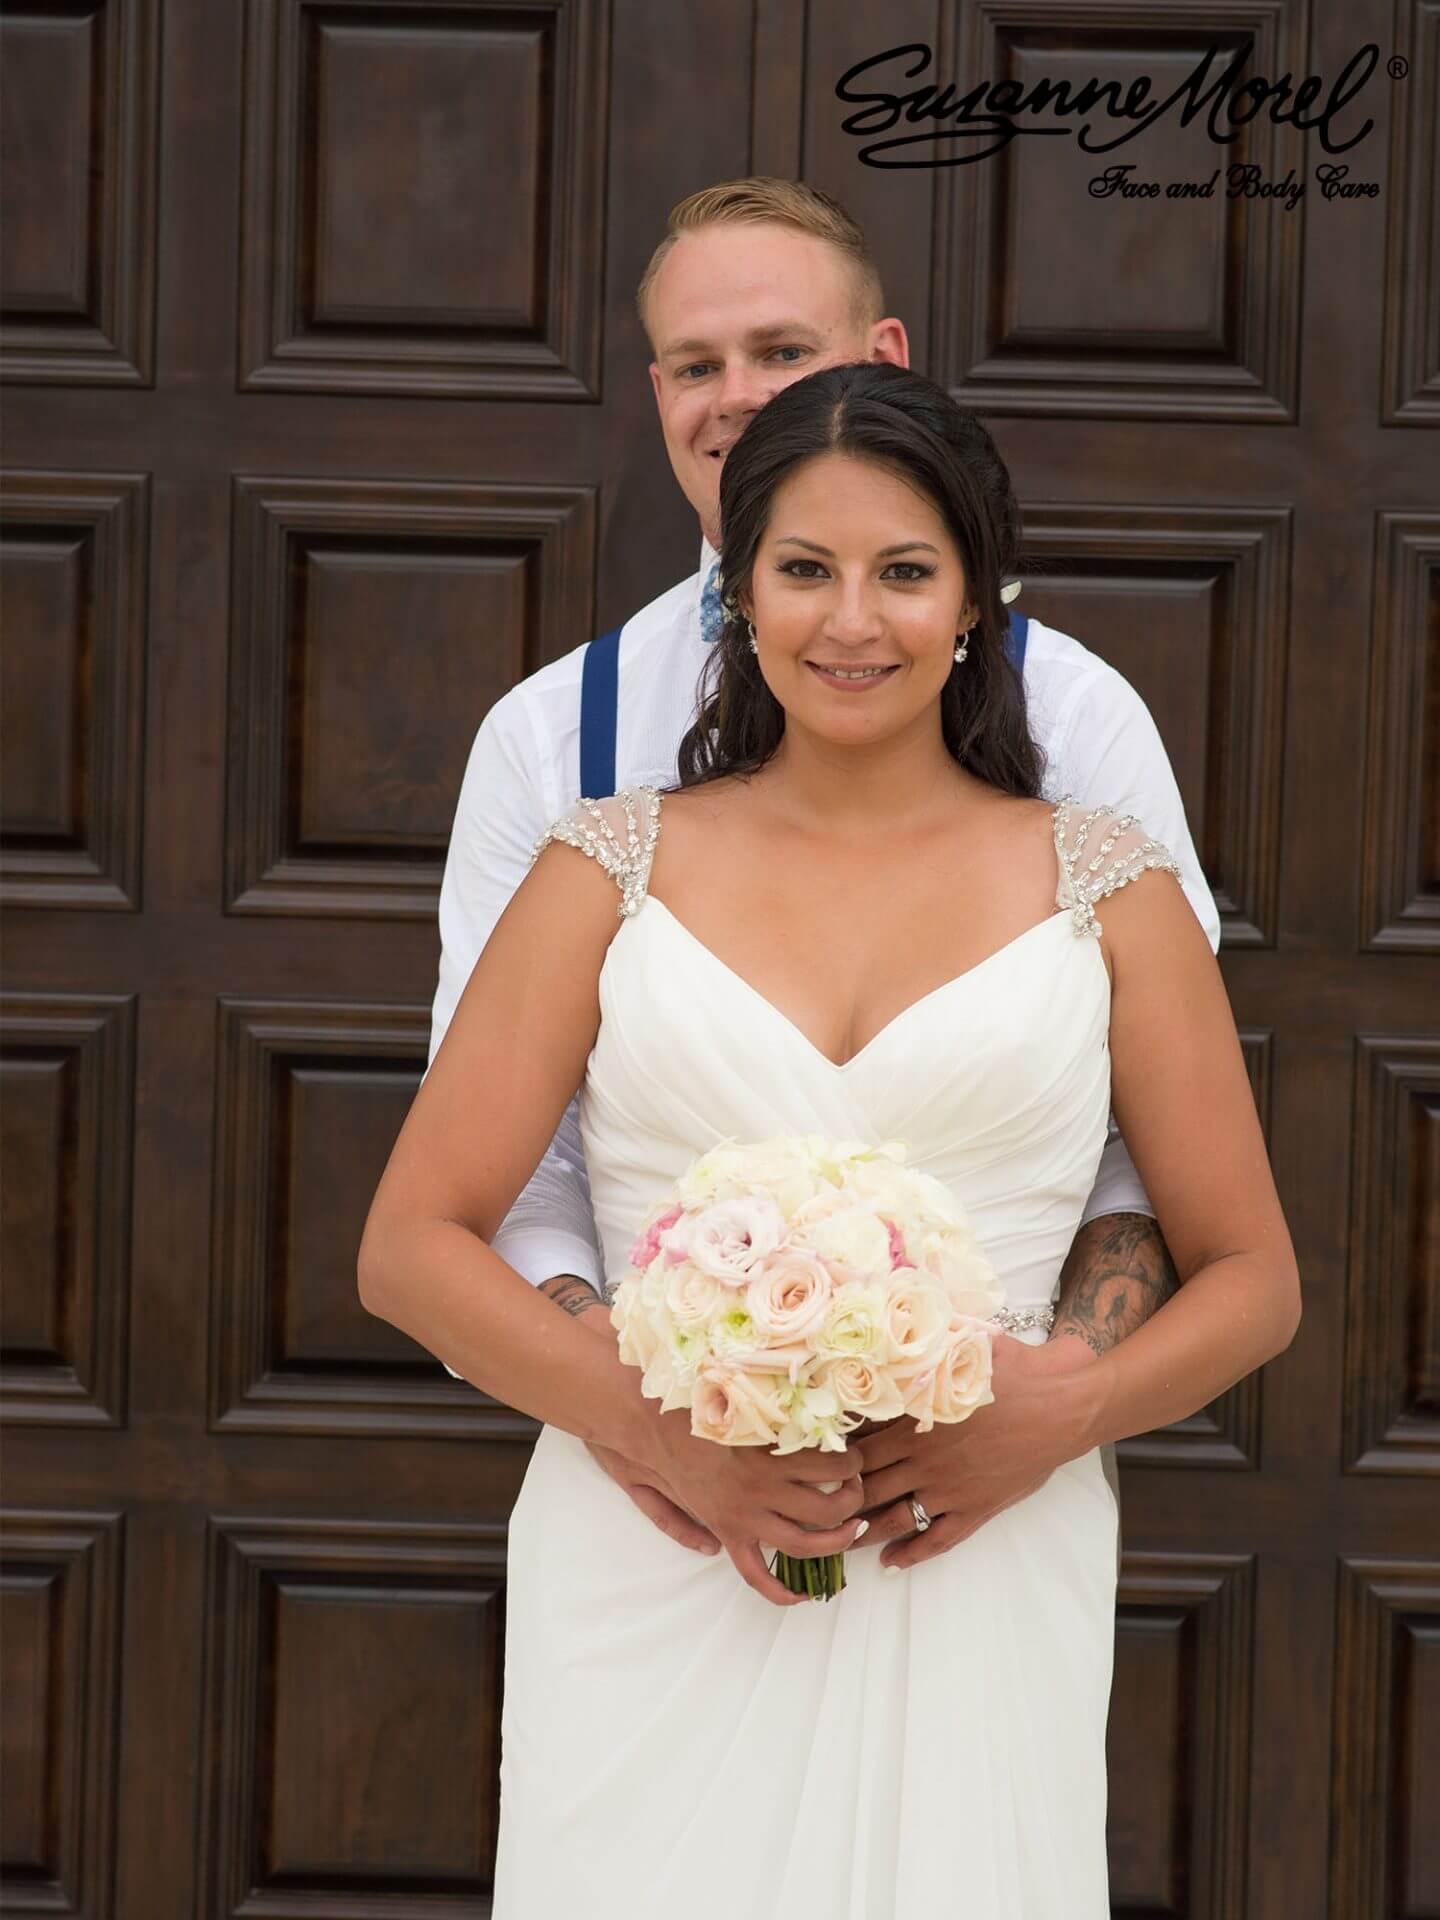 Приват фото невесты 6 фотография